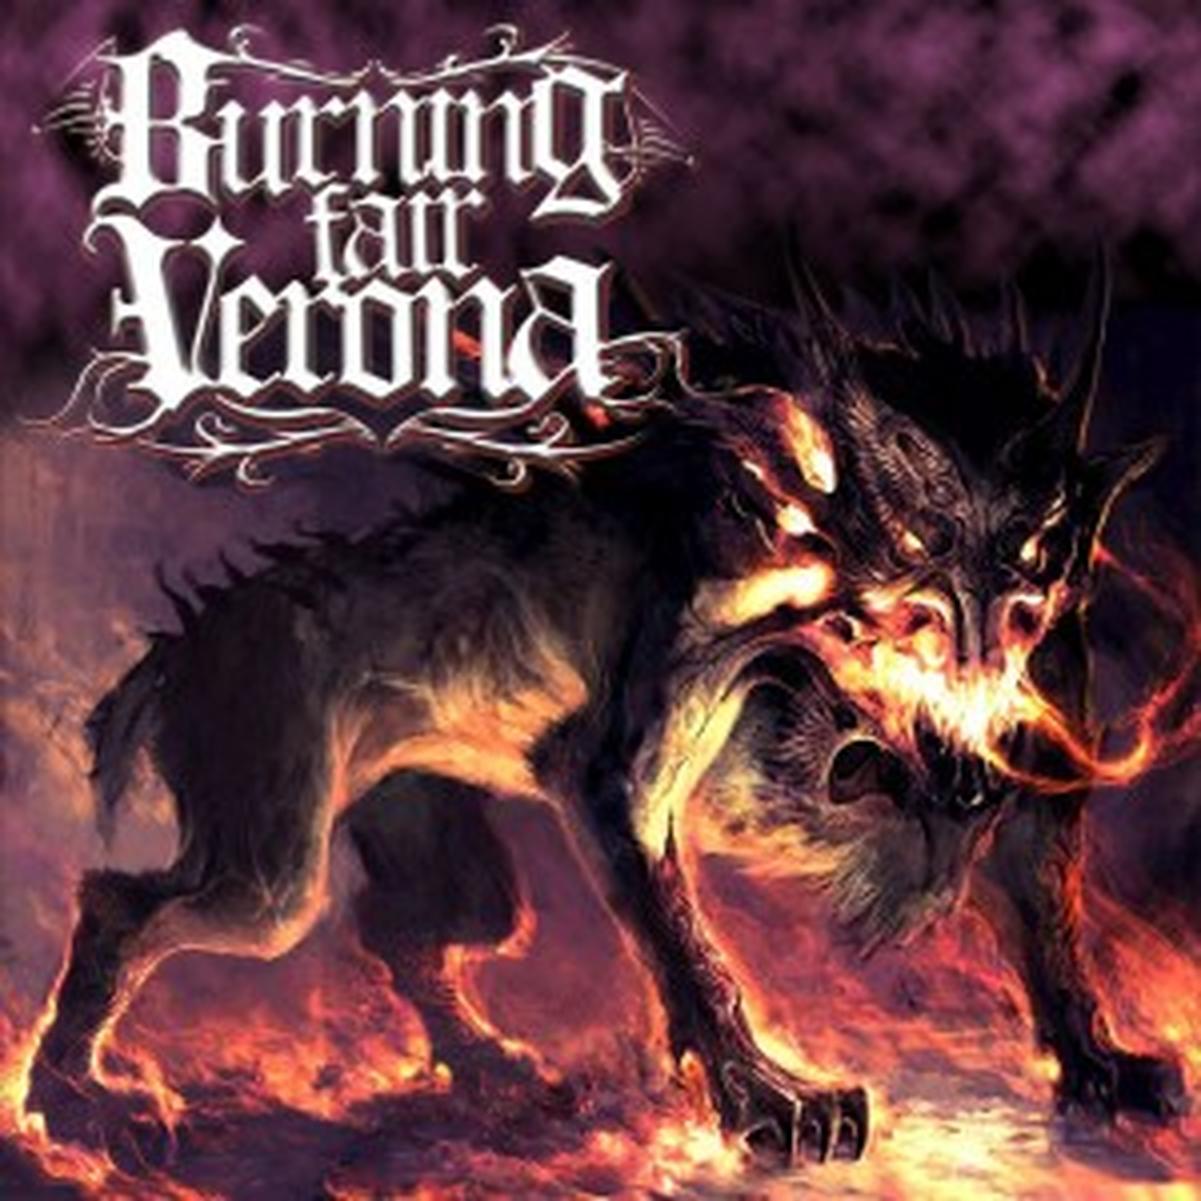 Burning Fair Verona